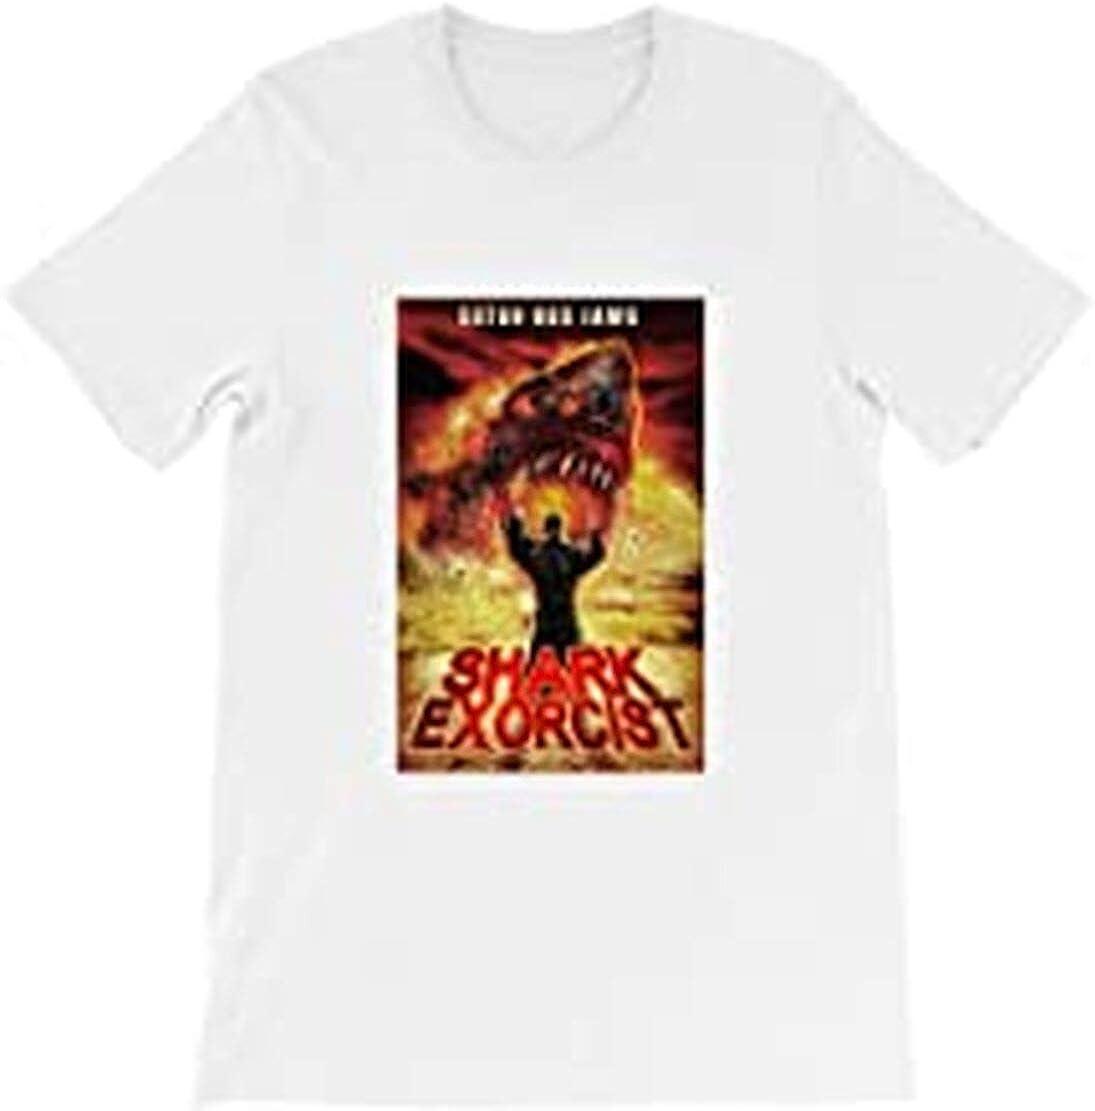 Shark Exorcist Horror Terror Thriller Movie Film Halloween Hollywood Cinema Graphic Gift for Men Women Girls Unisex T-Shirt